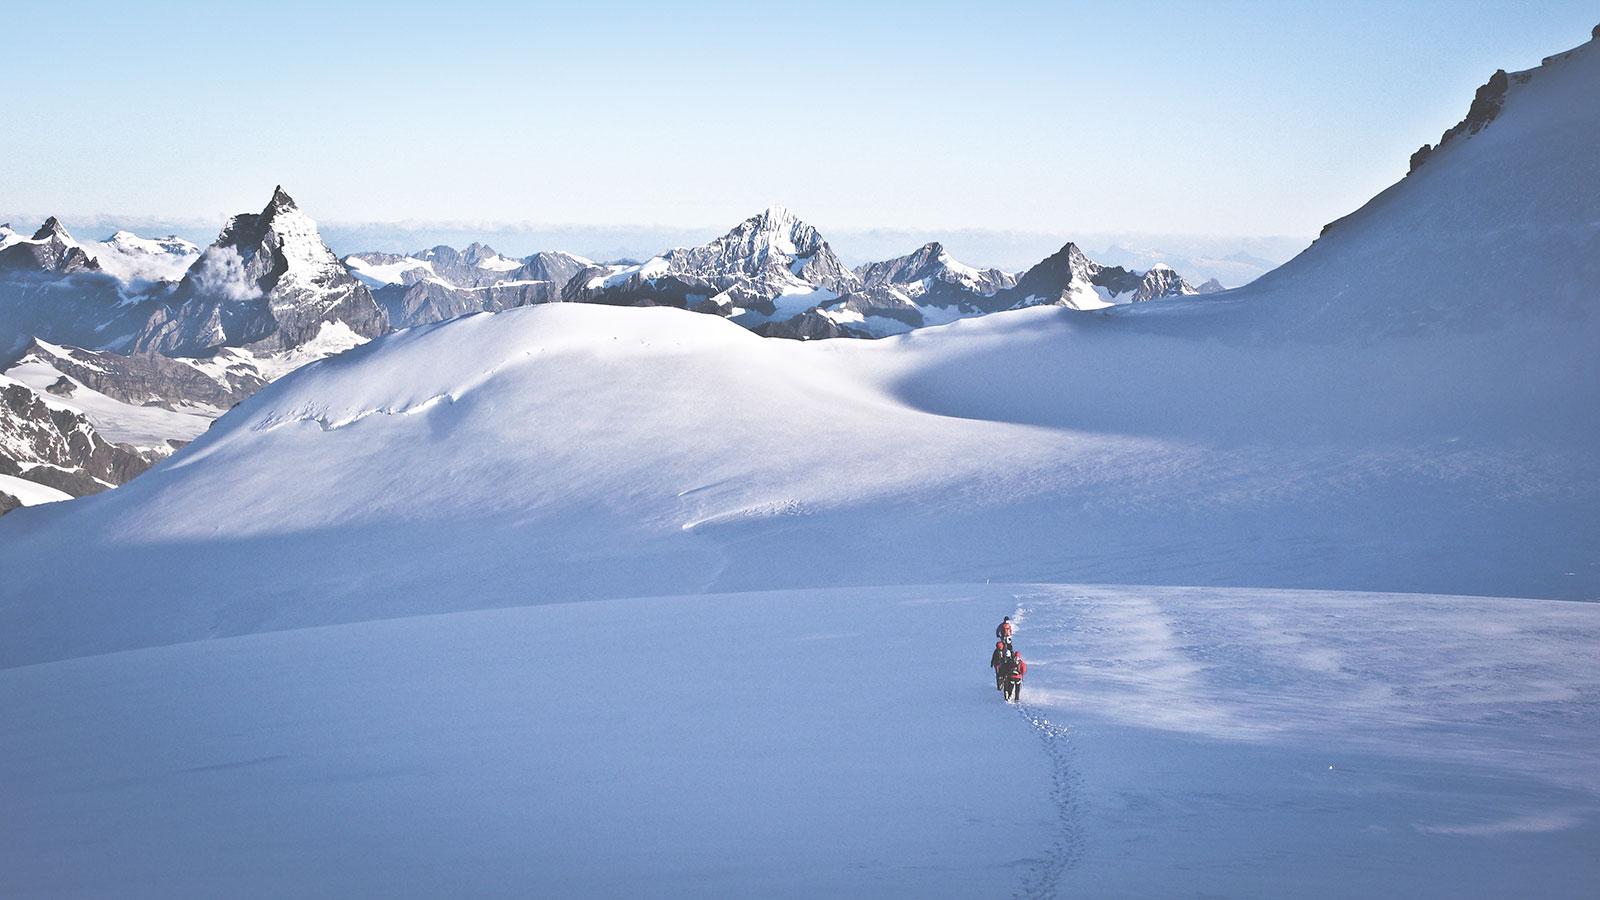 Abstieg. Bergsteigen am Monte Rosa | Pauli Trenkwalder, Berge & Psychologie